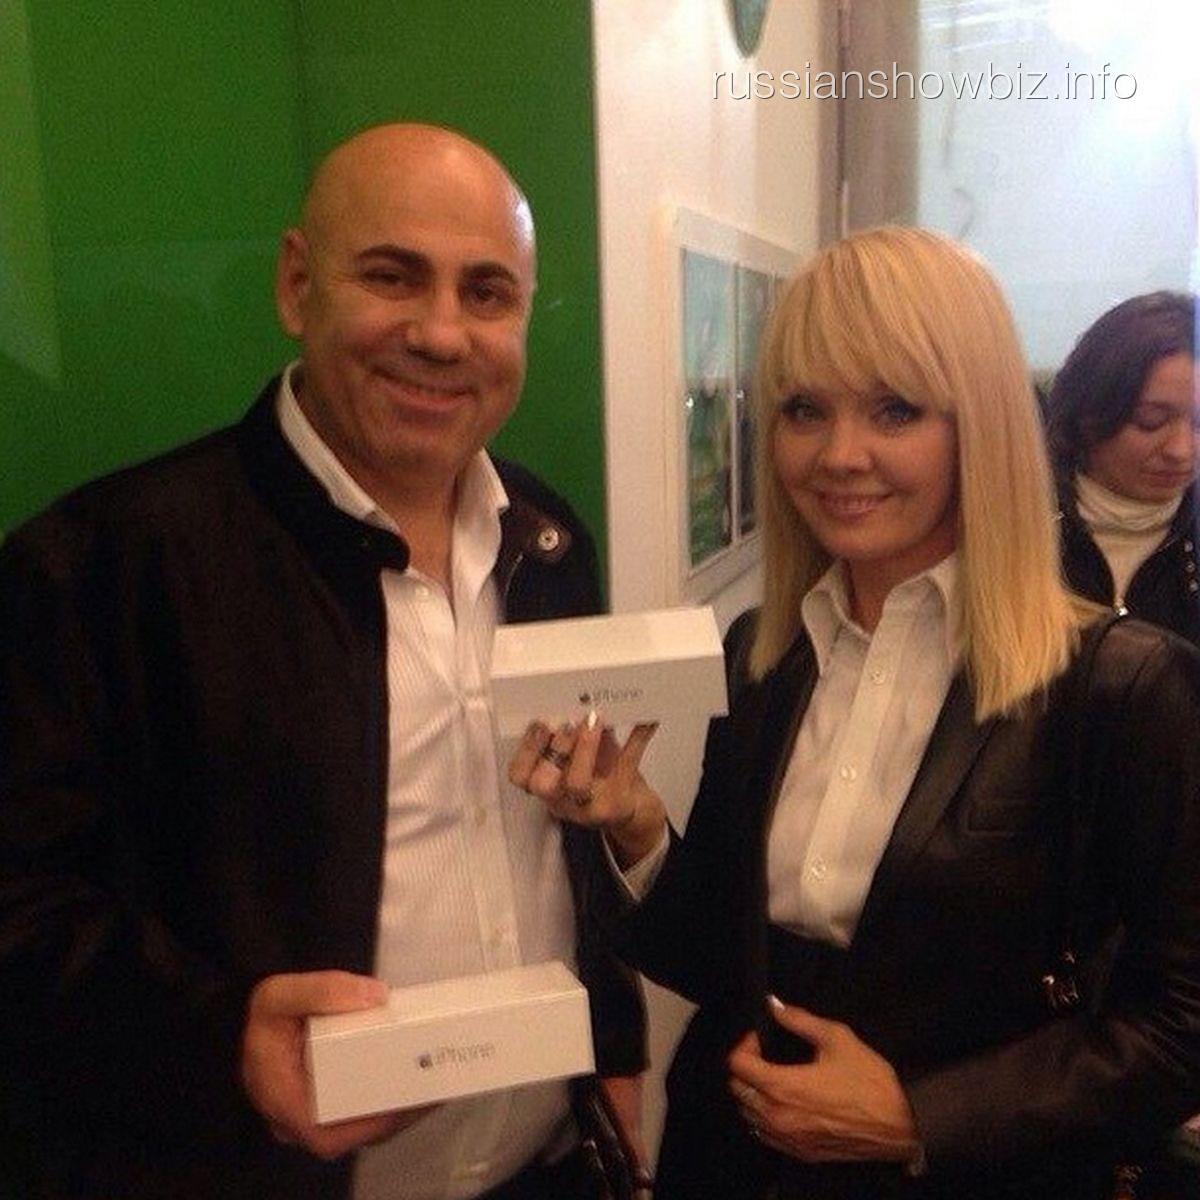 Иосиф Пригожин и Валерия с новыми iPhone 6